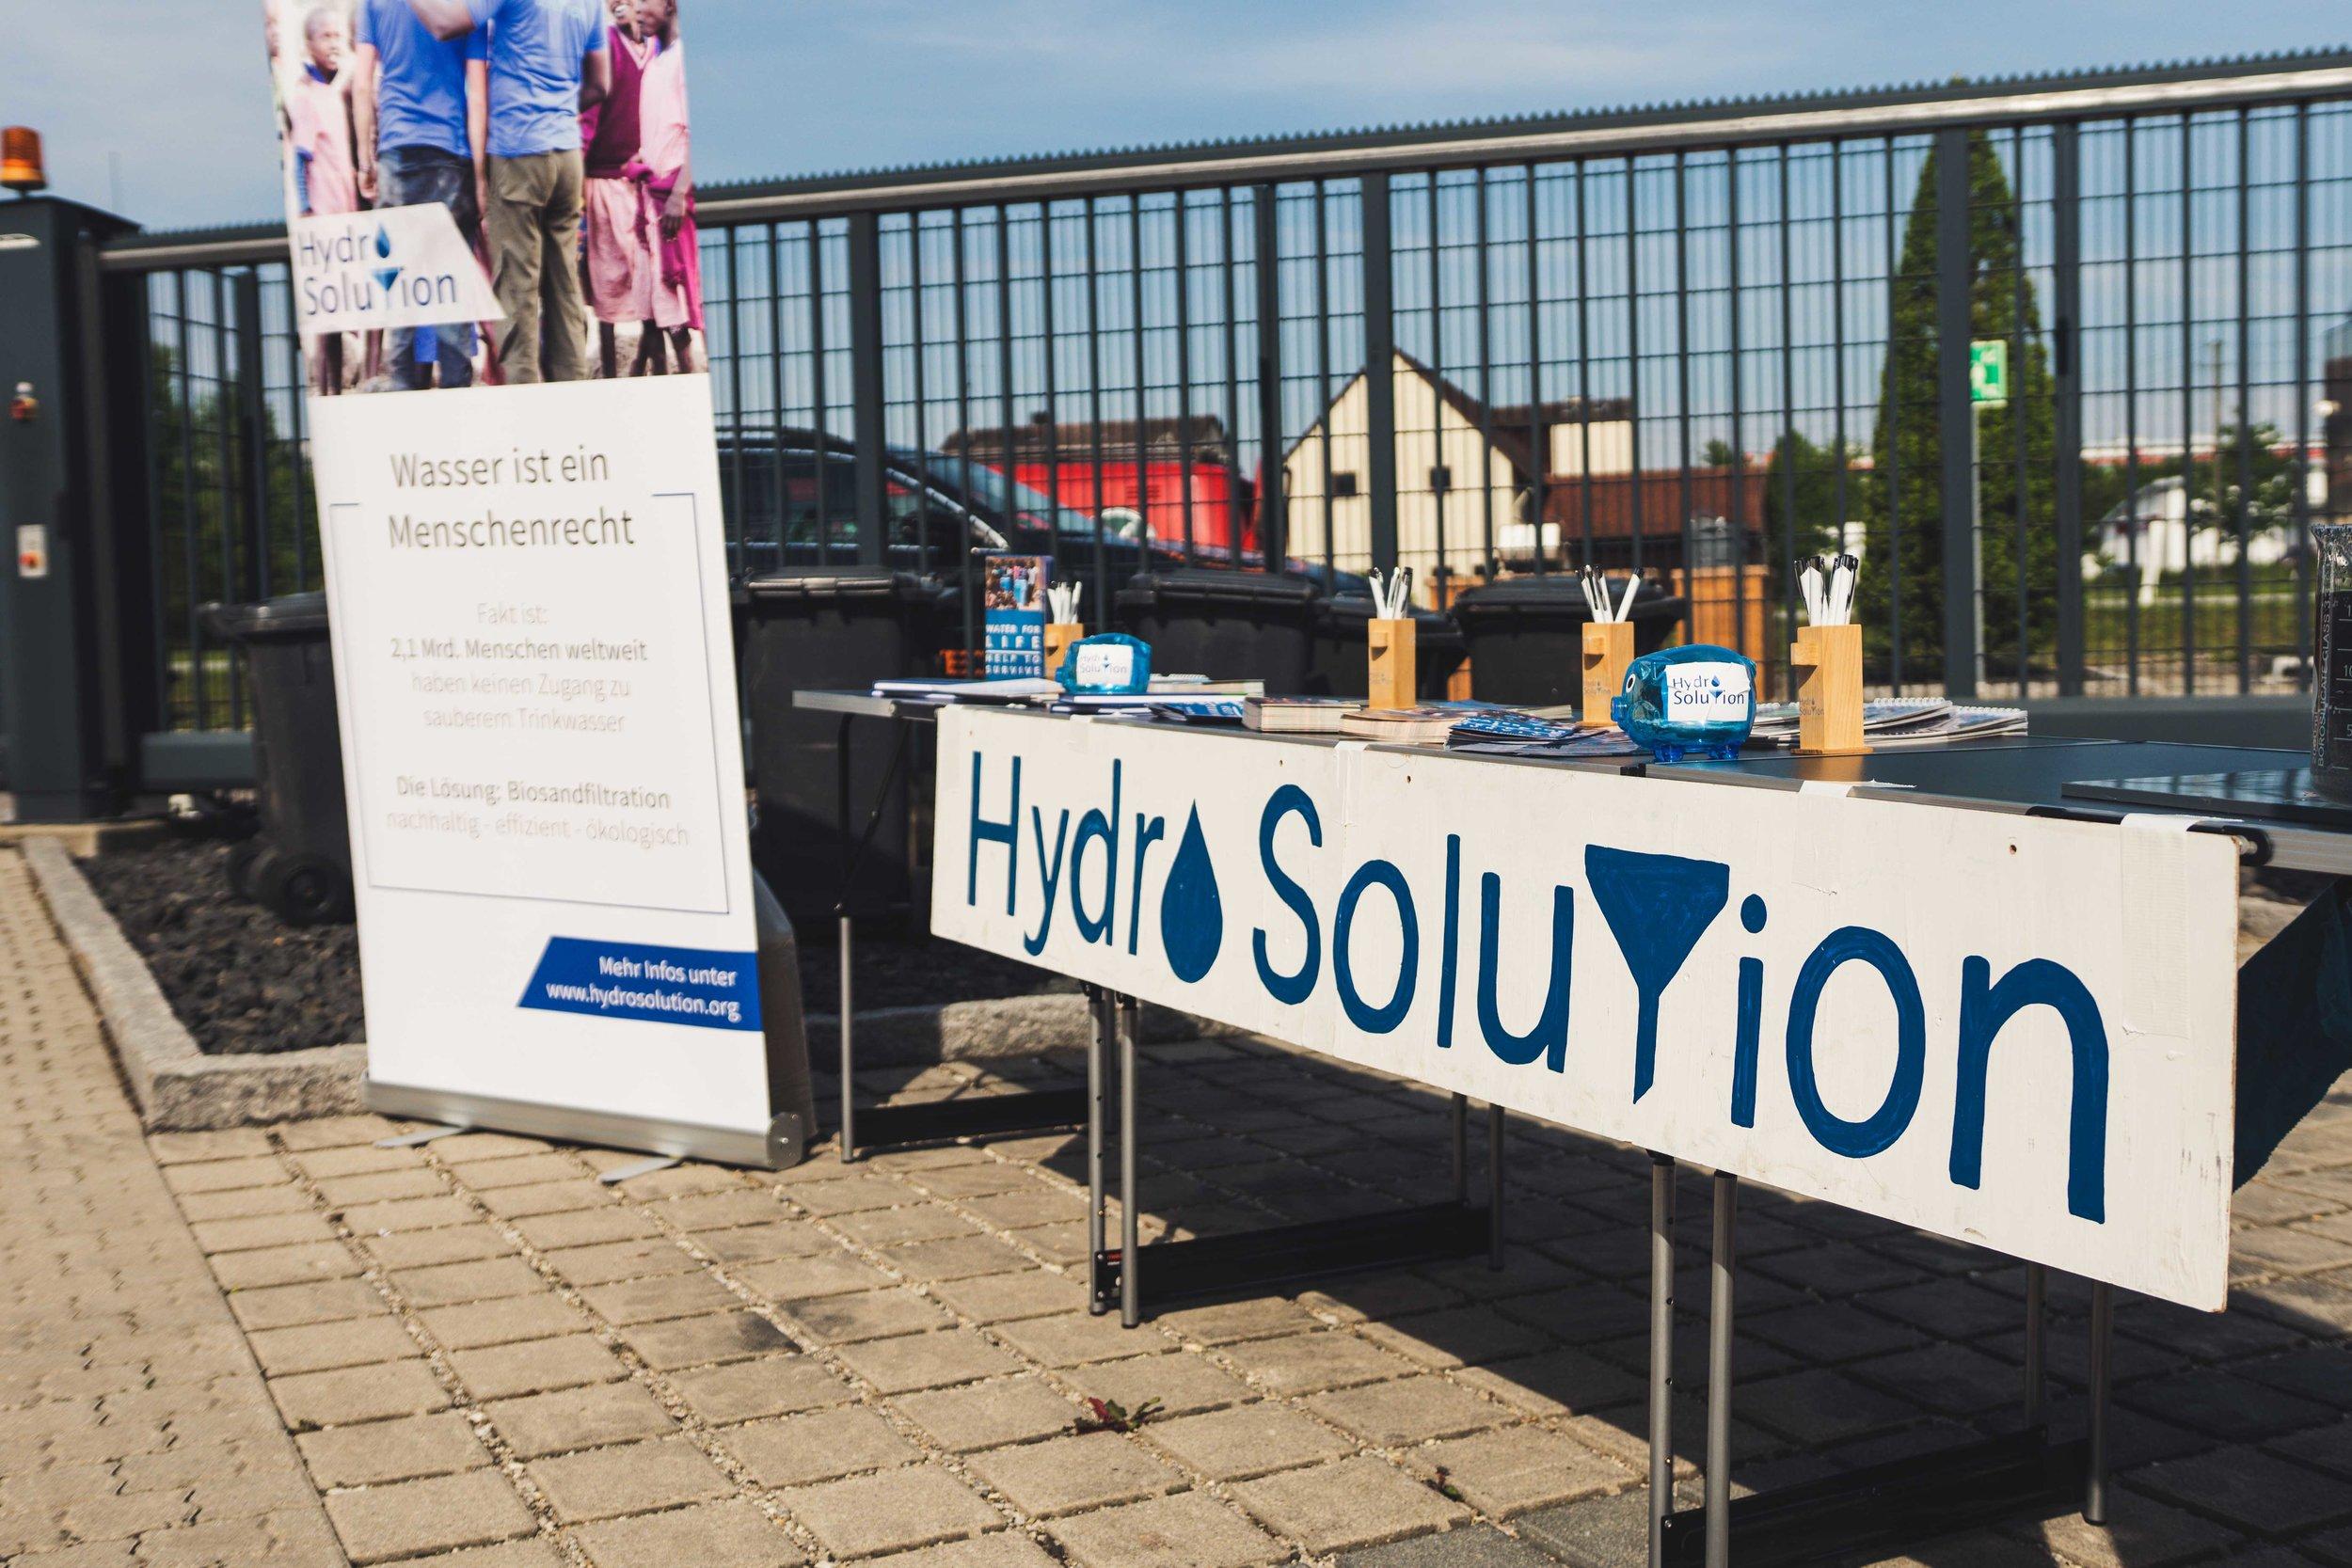 - 25.05.2019 Hydro Solution auf der Eröffnung der Haix World in Mainburg